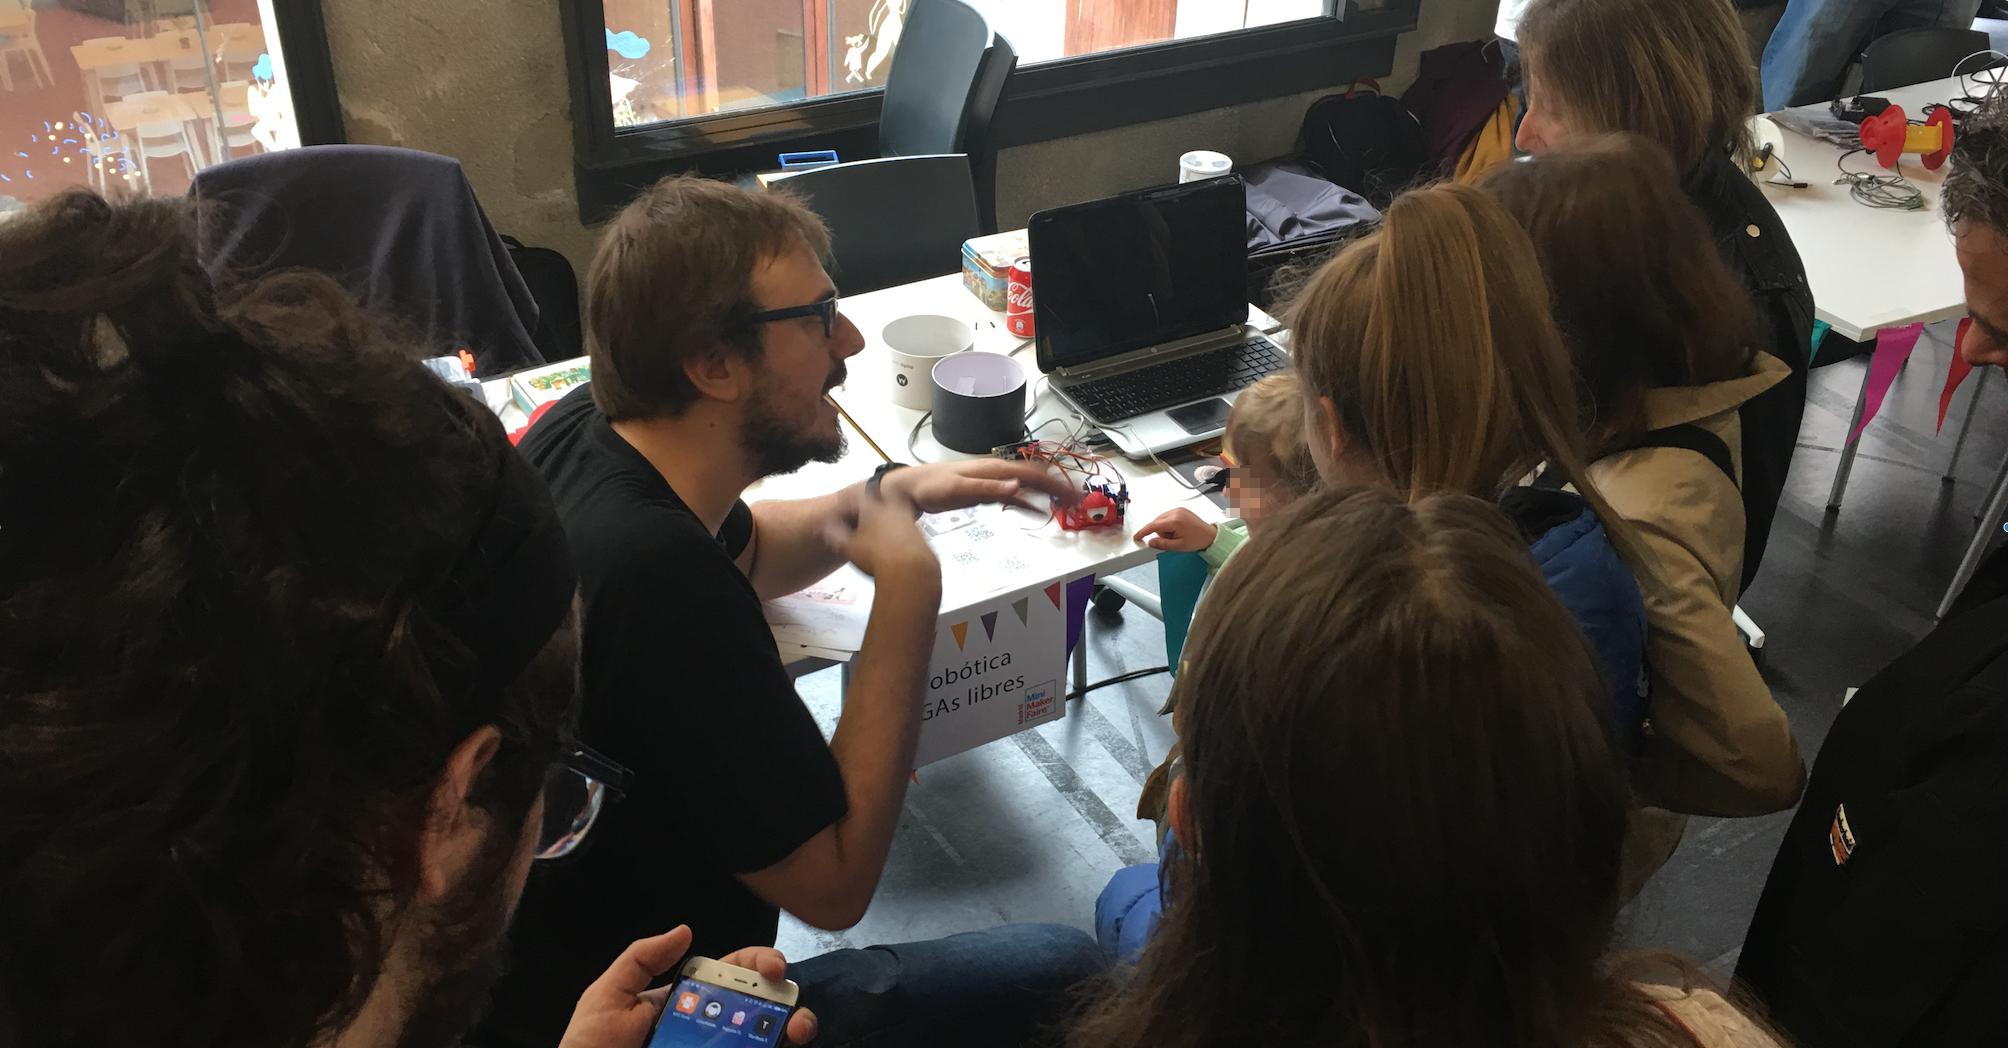 Julian Caro Linares explica su proyecto FPGA Biorobotics a los asistentes en Madrid Mini Maker Faire 2017